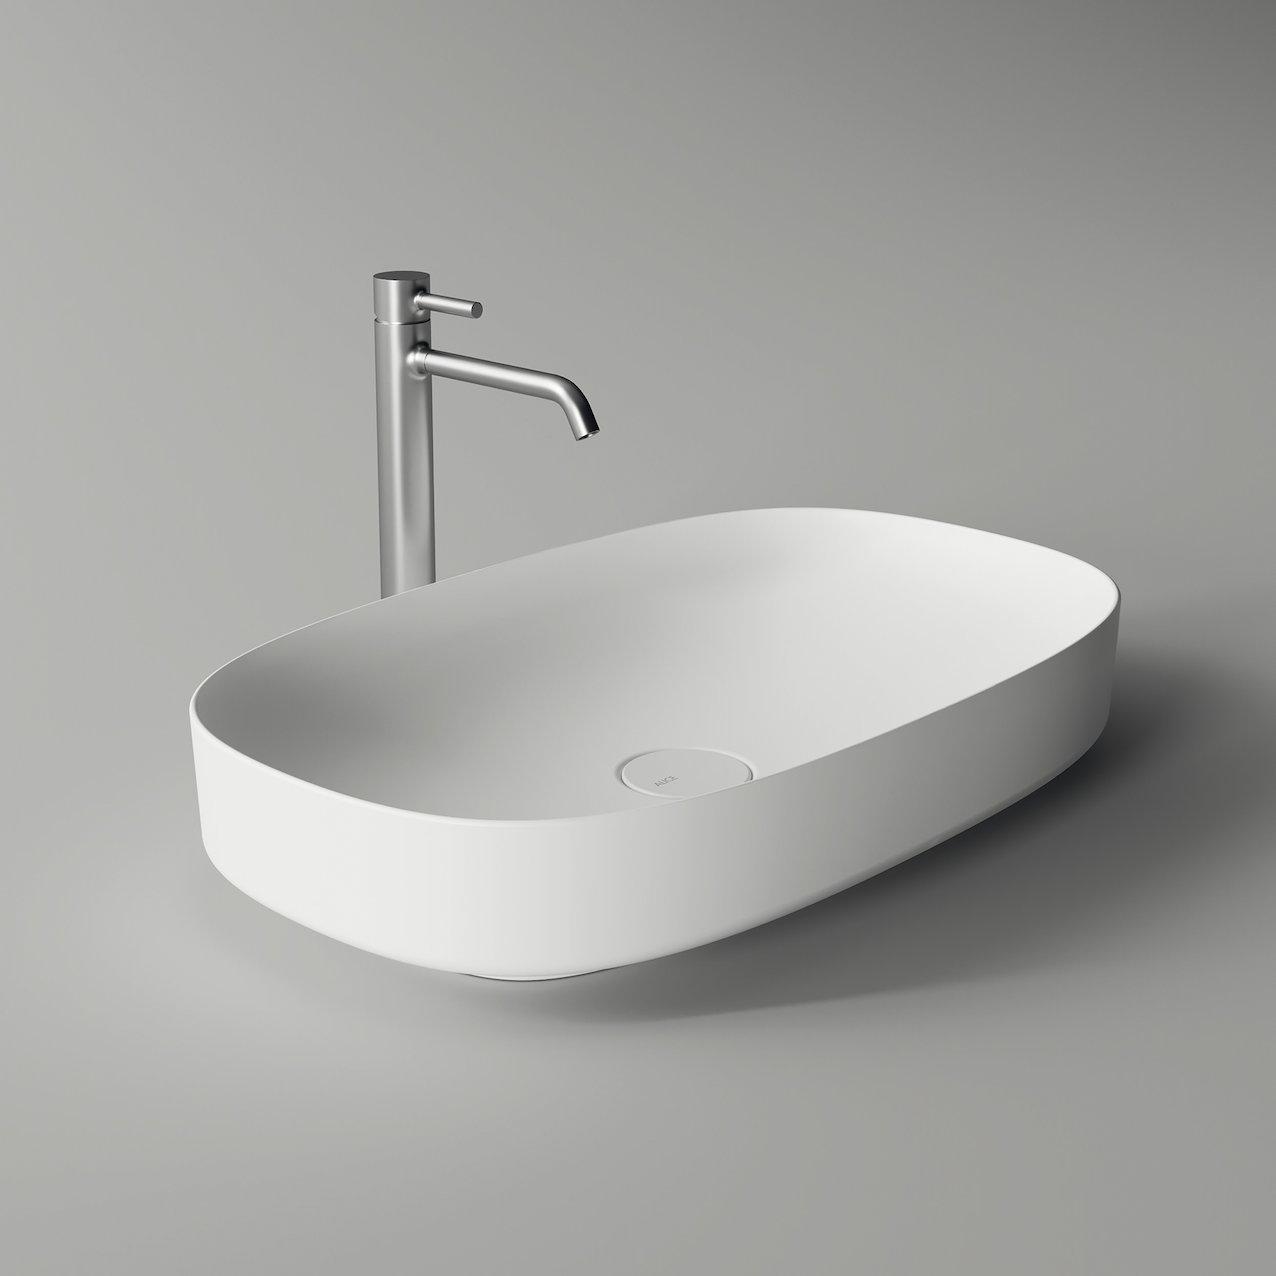 Lavabo FORM ovale